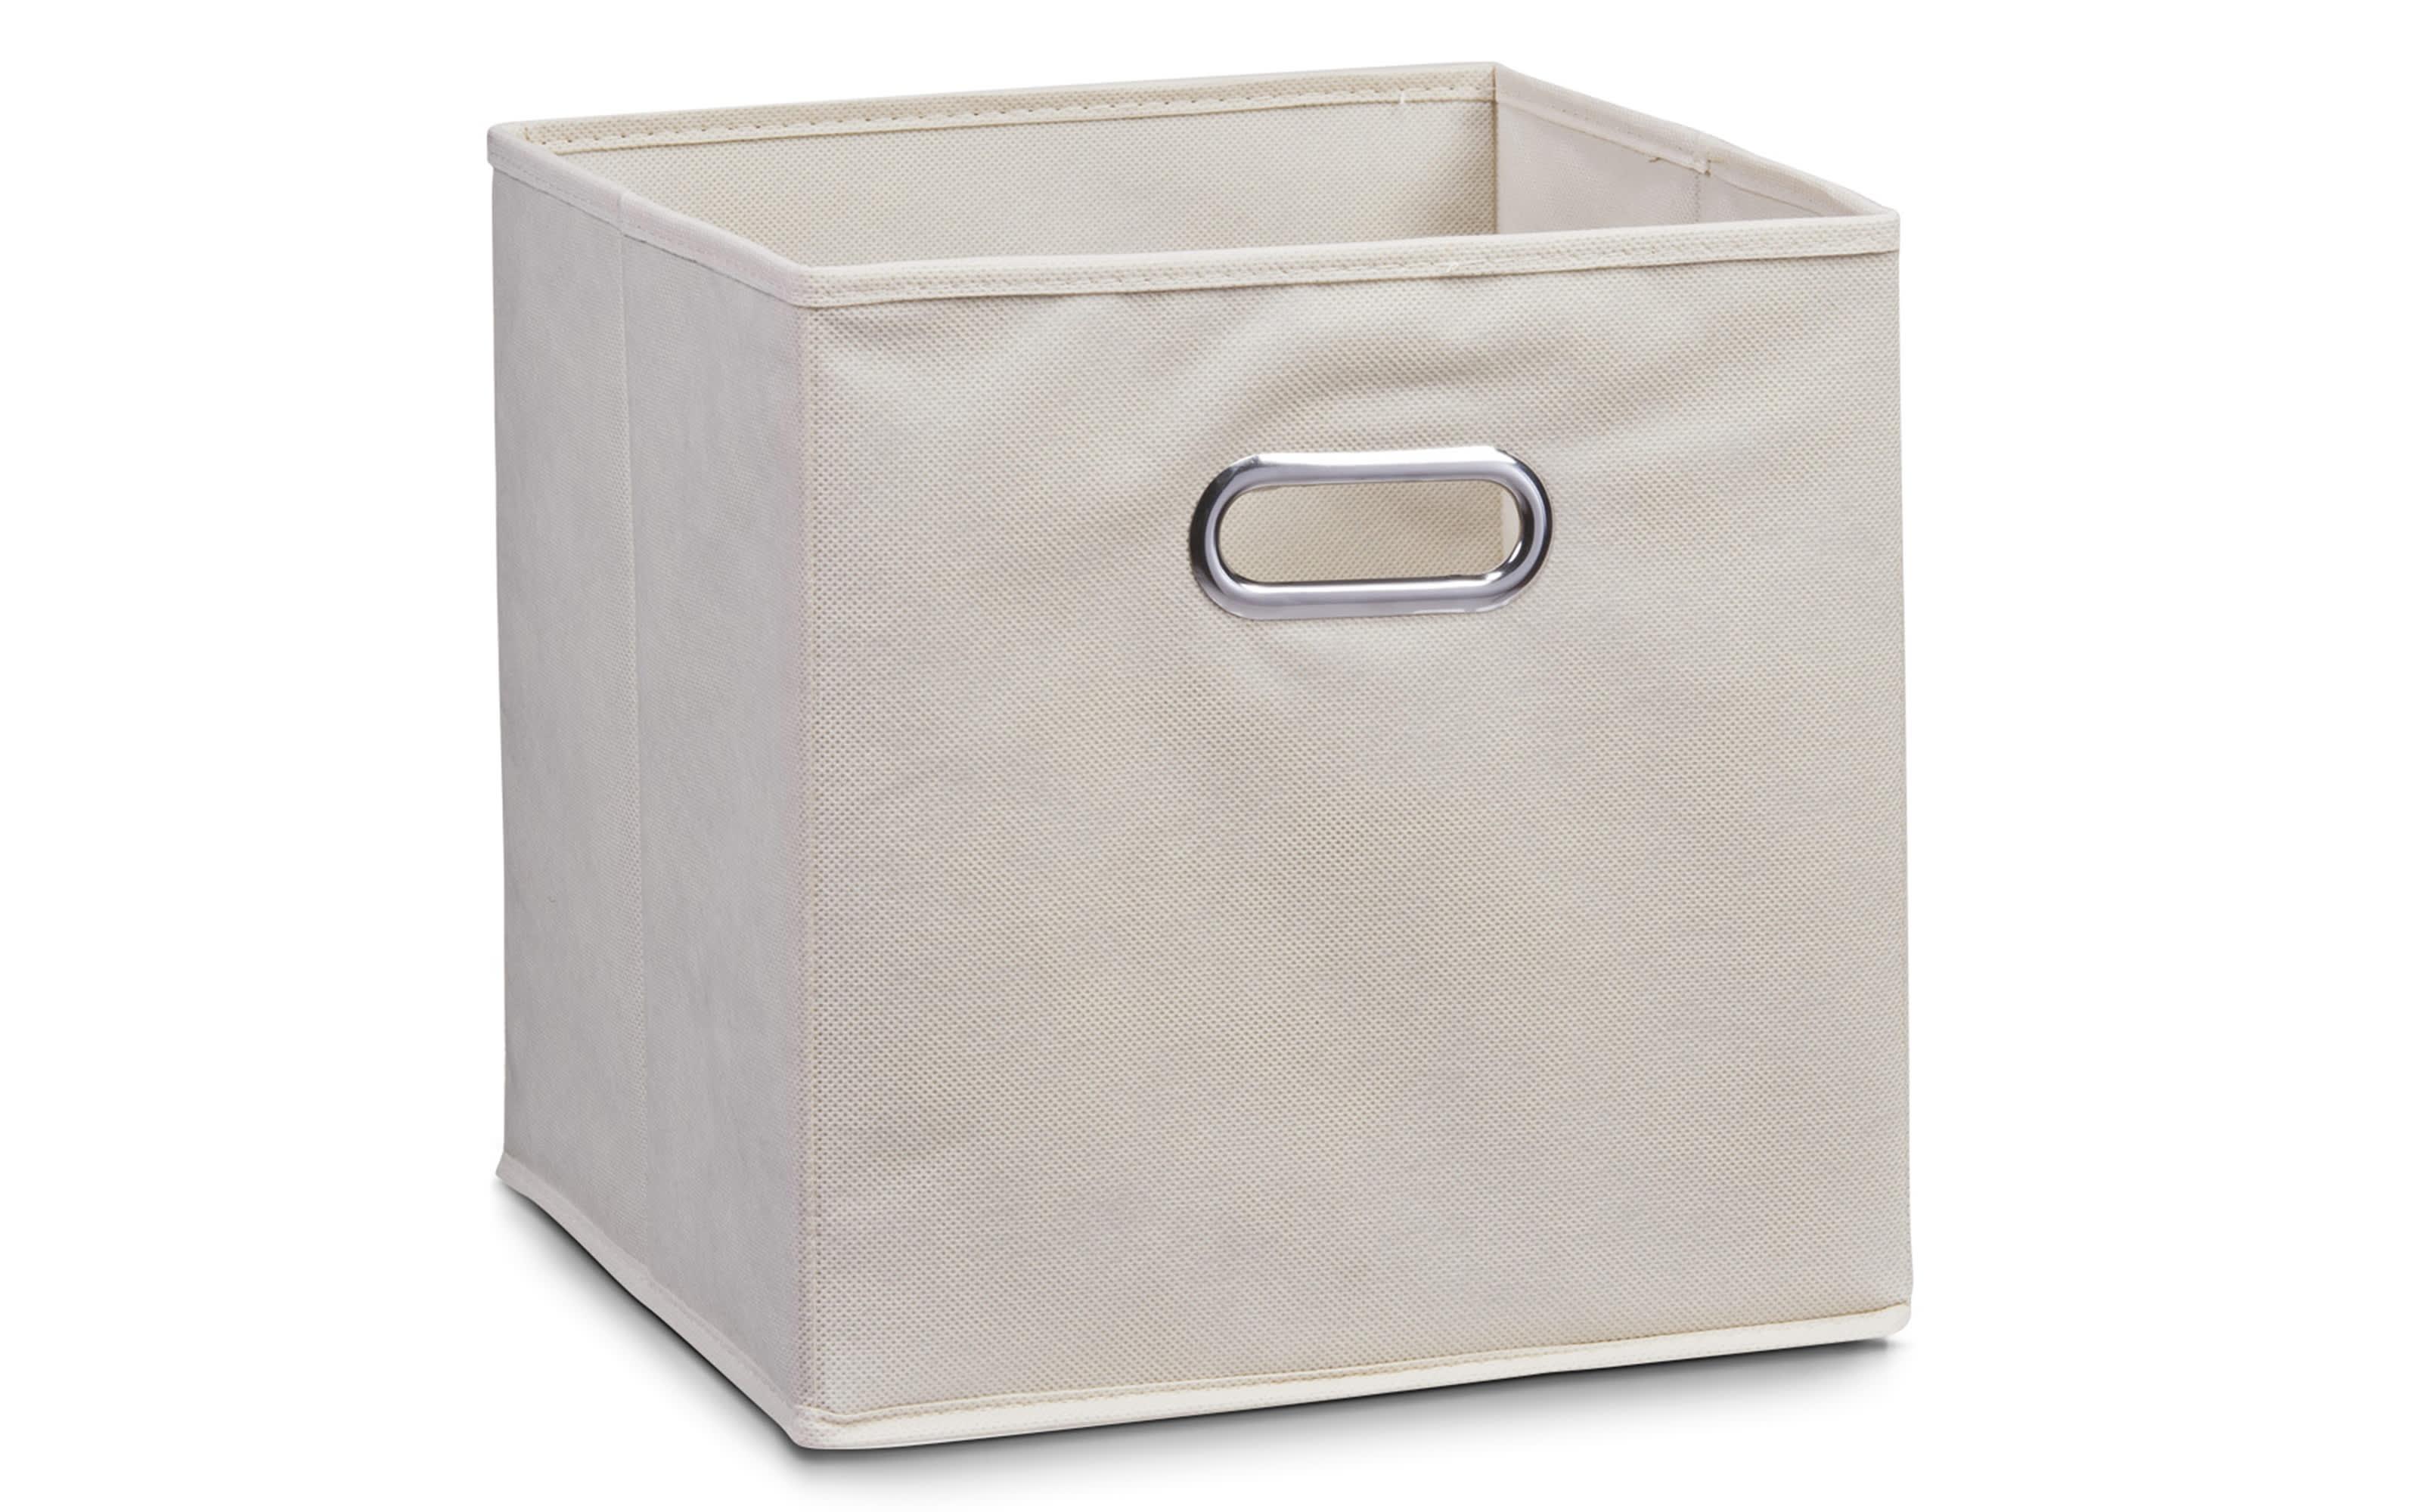 Aufbewahrungsbox in beige, 28 x 28